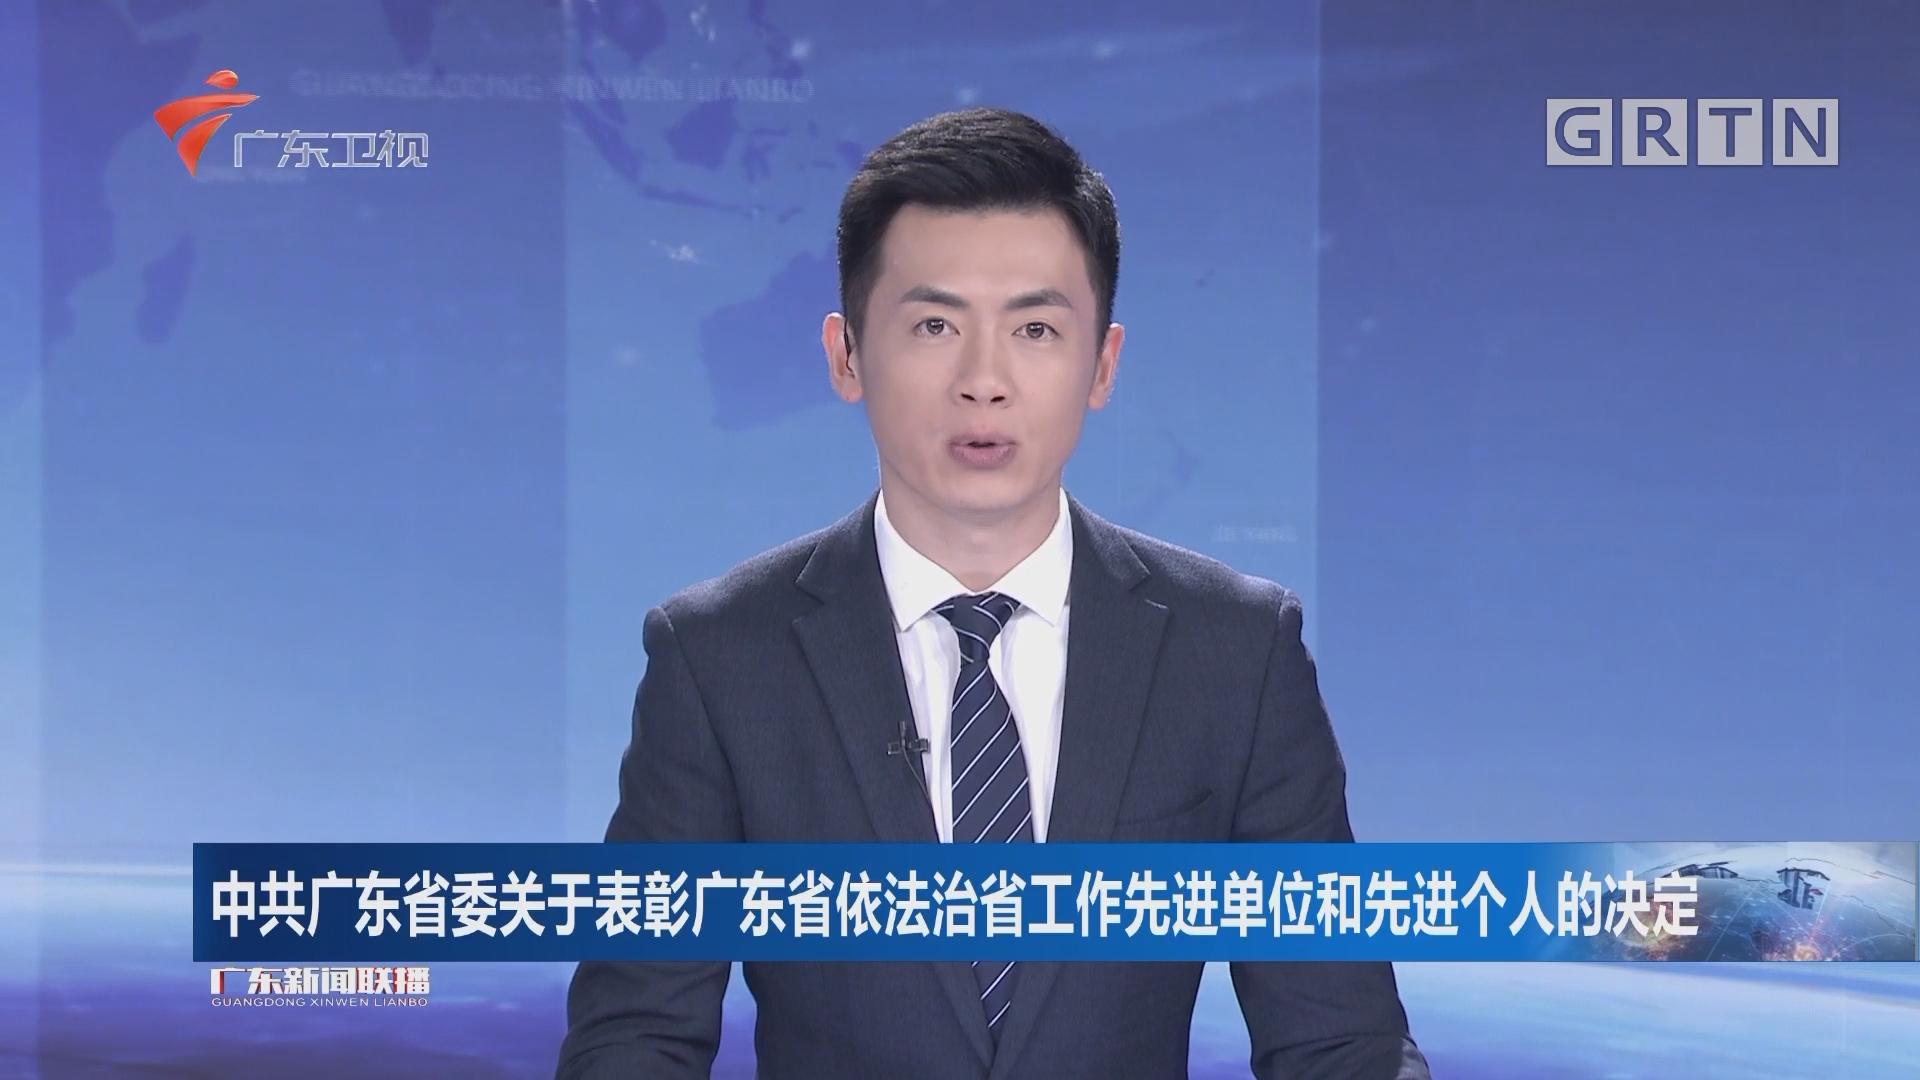 中共广东省委关于表彰广东省依法治省工作先进单位和先进个人的决定